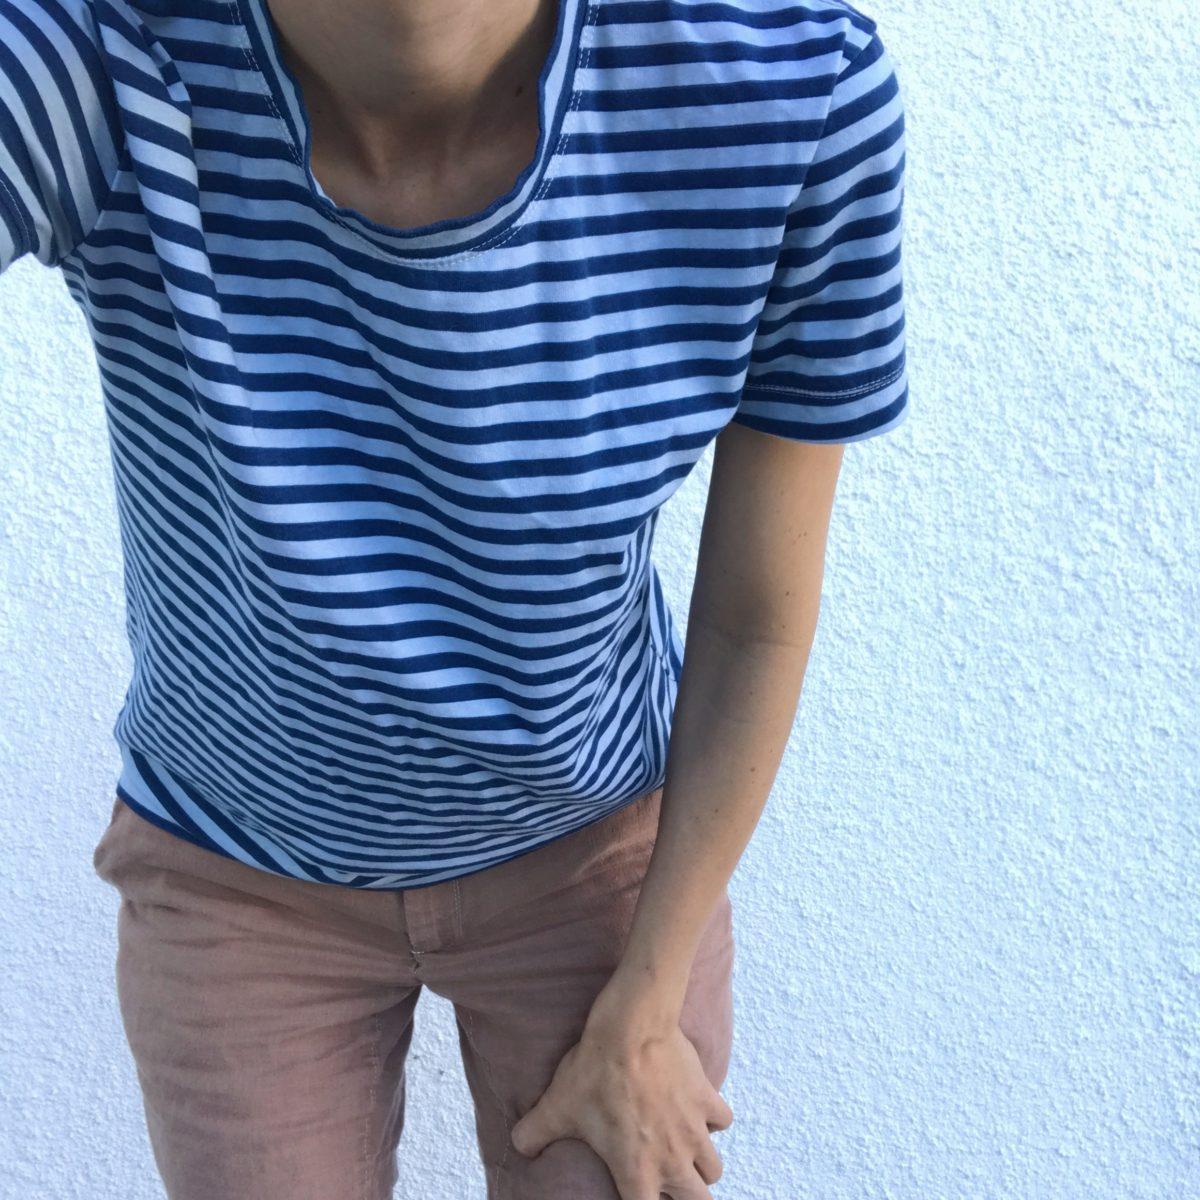 blake knit tshirt . carolyn friedlander